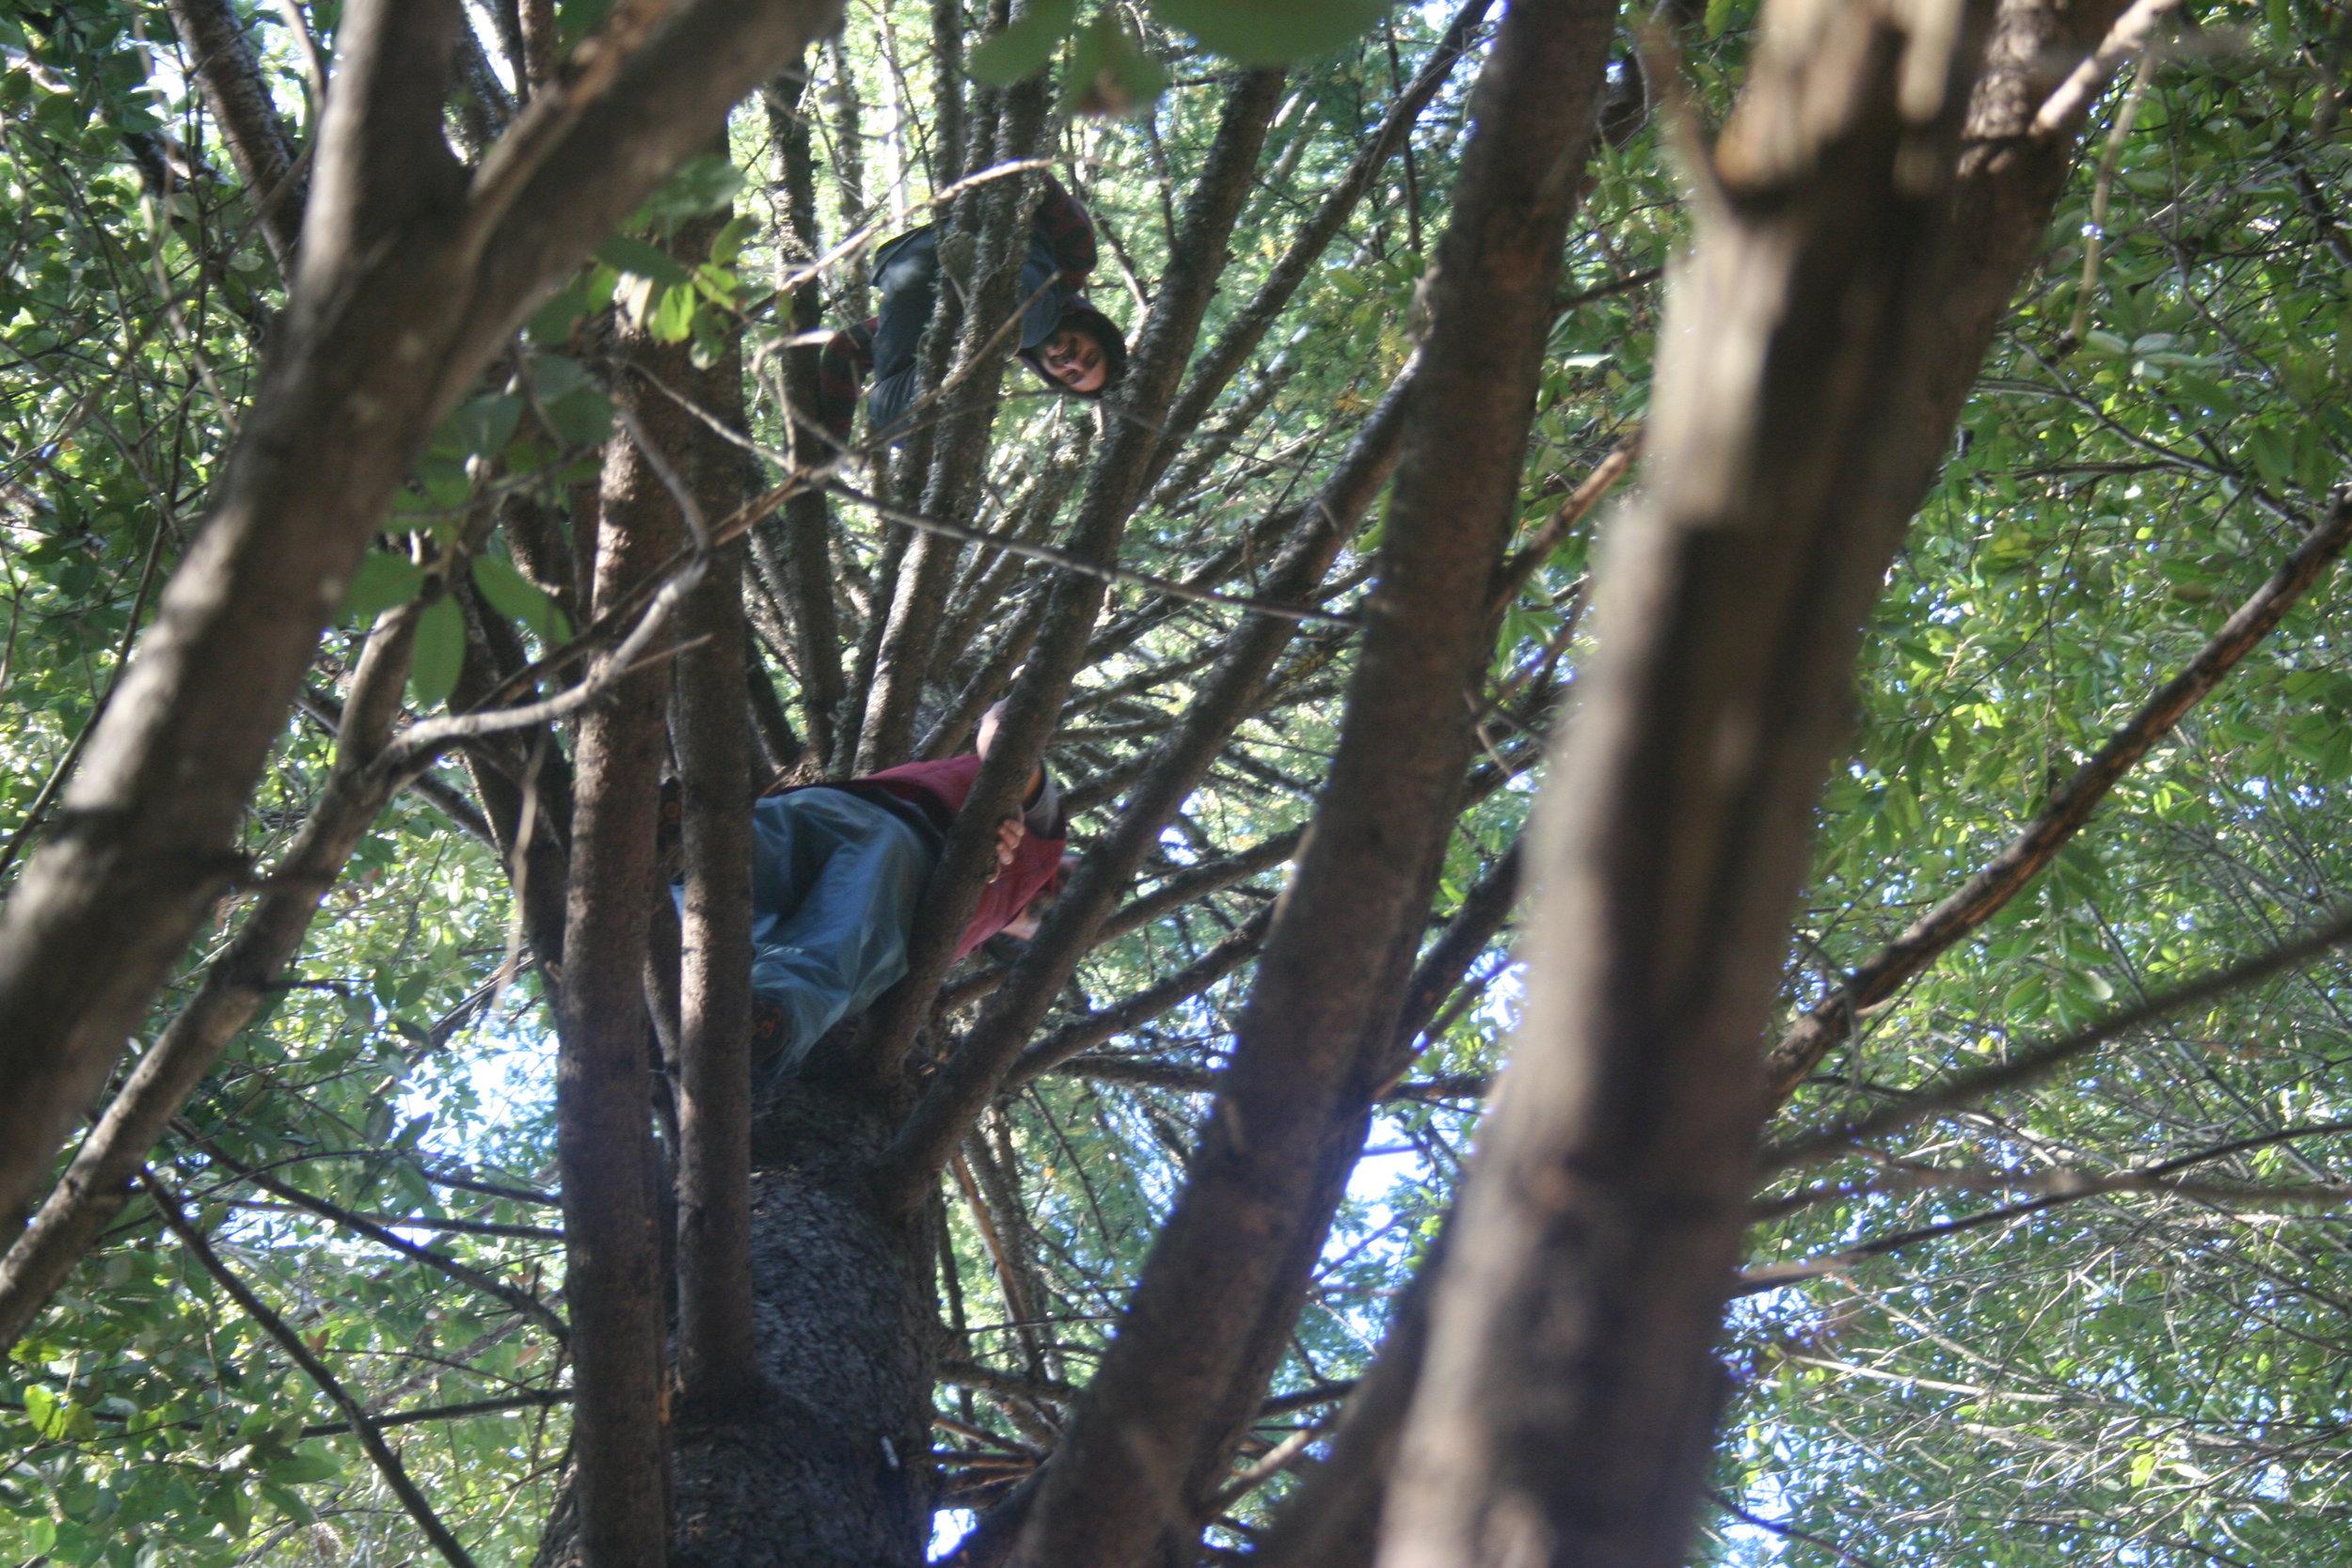 Friends Loren and Pierce in a Douglas Fir tree, in a Douglas Fir / Tanoak forest.